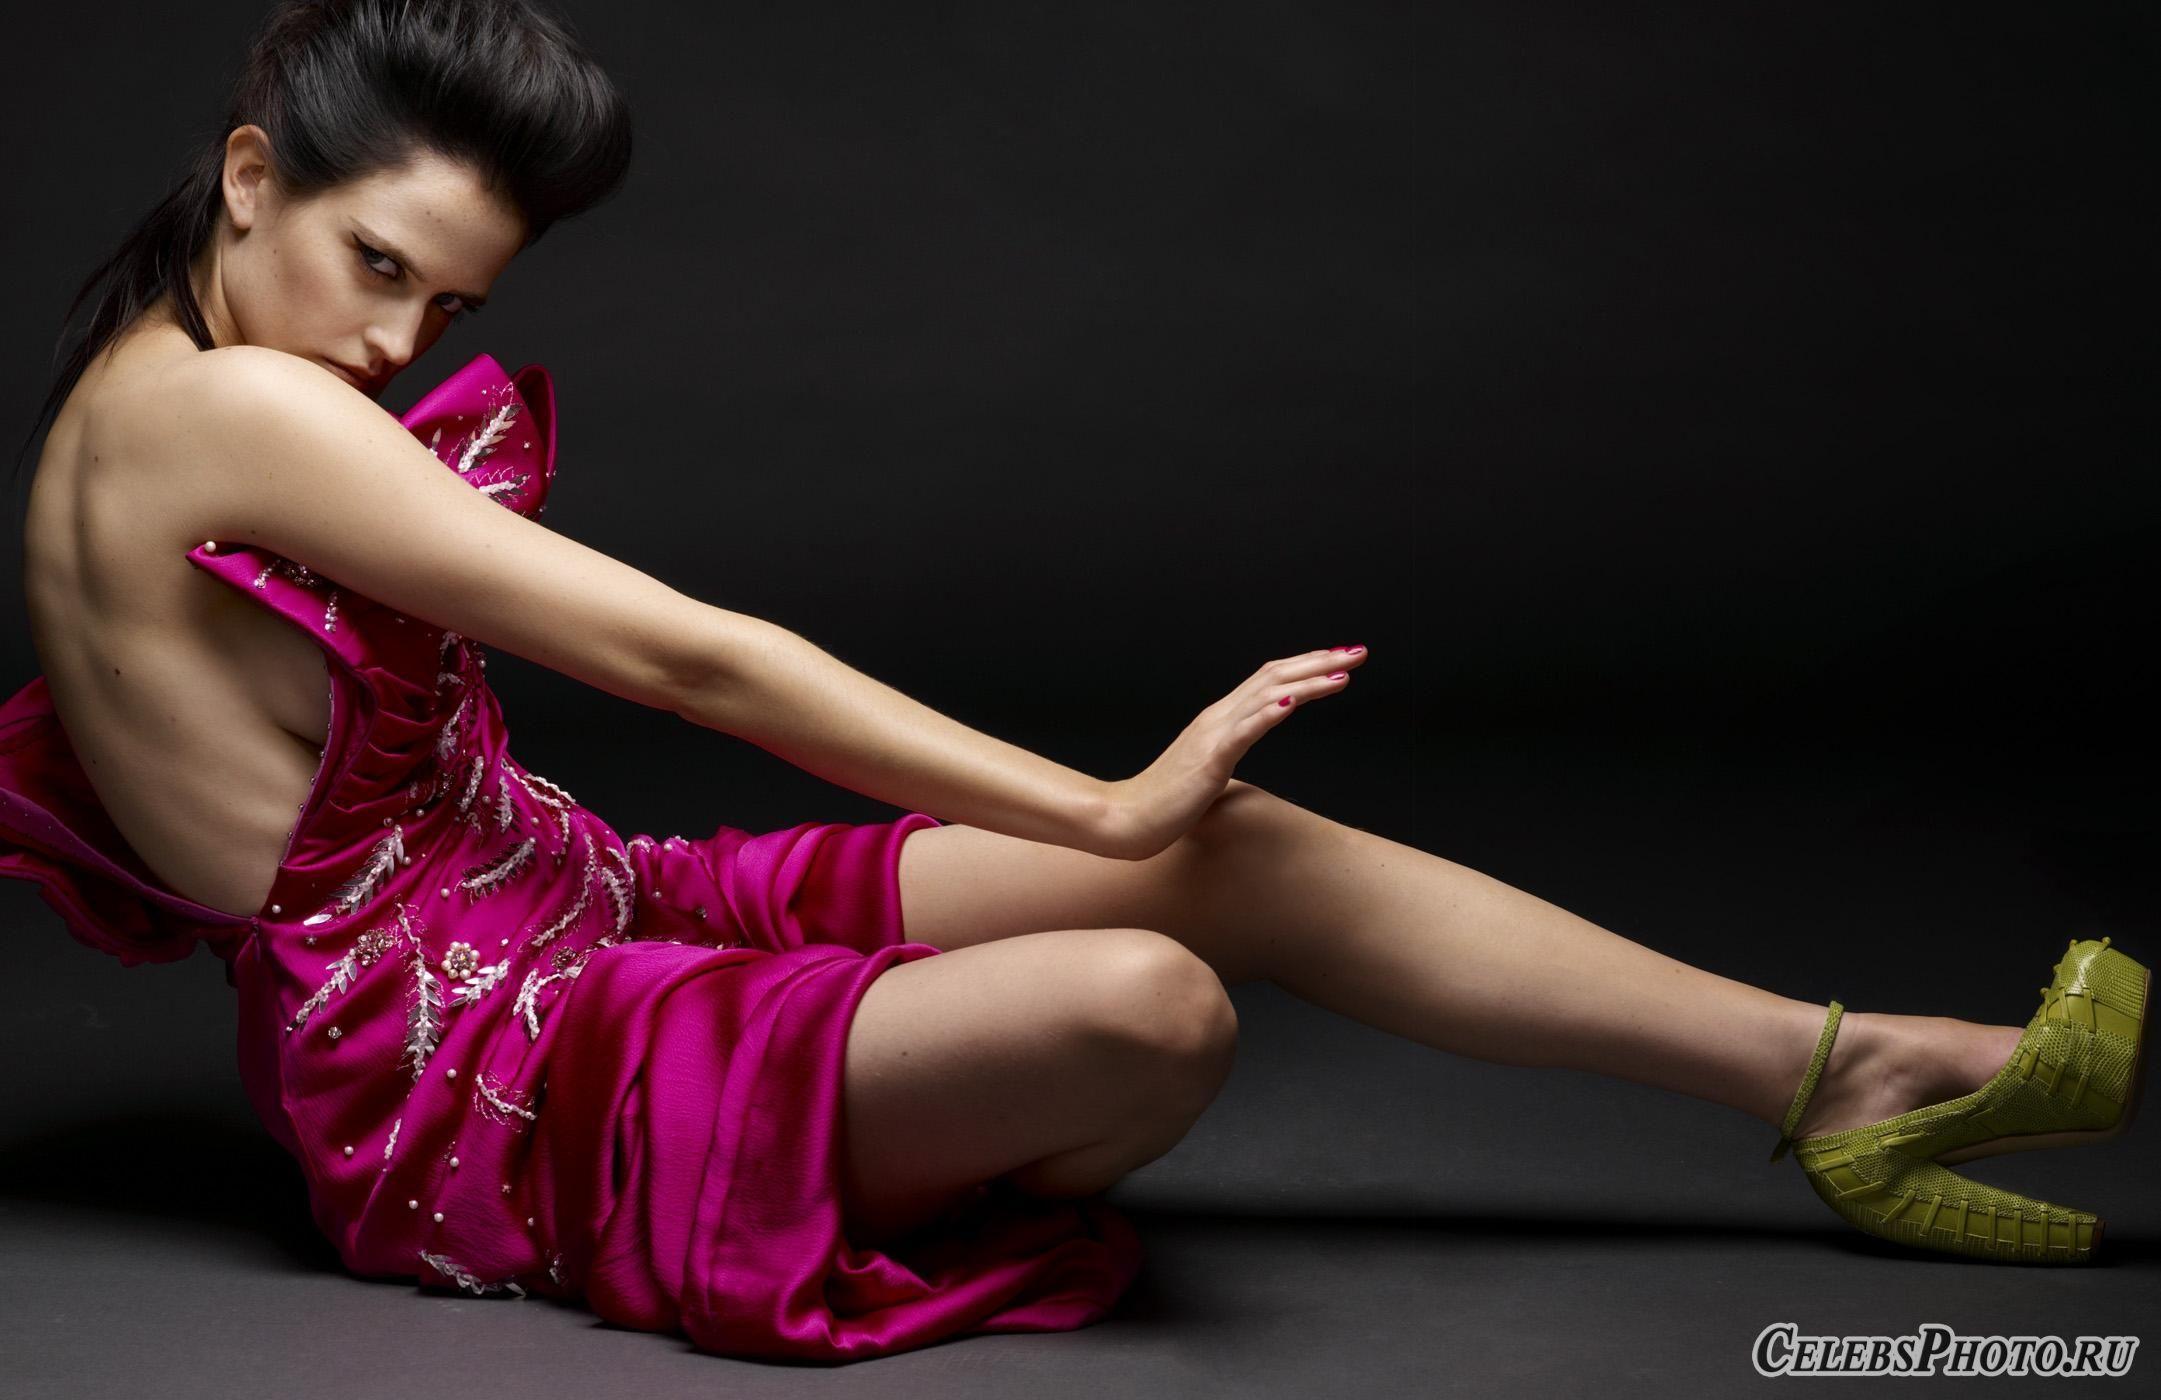 Голая Ева Грин (Eva Green) | Фото Голой Евы Грин | Ева Грин Откровенные Фотографии